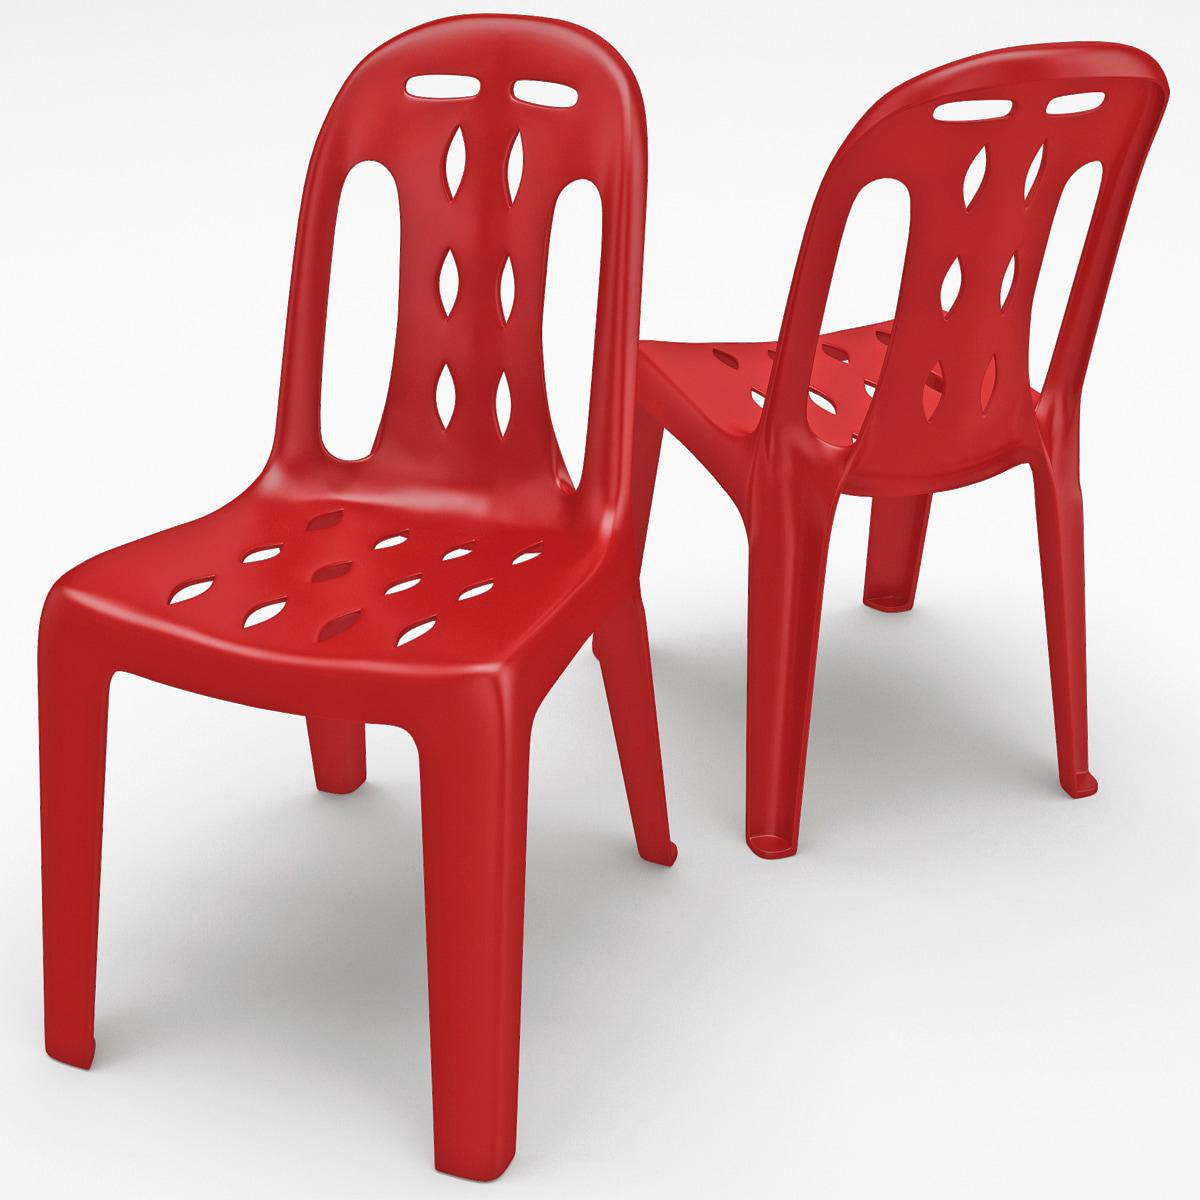 Monobloc Chair: 3ds Max Monobloc Chair 5